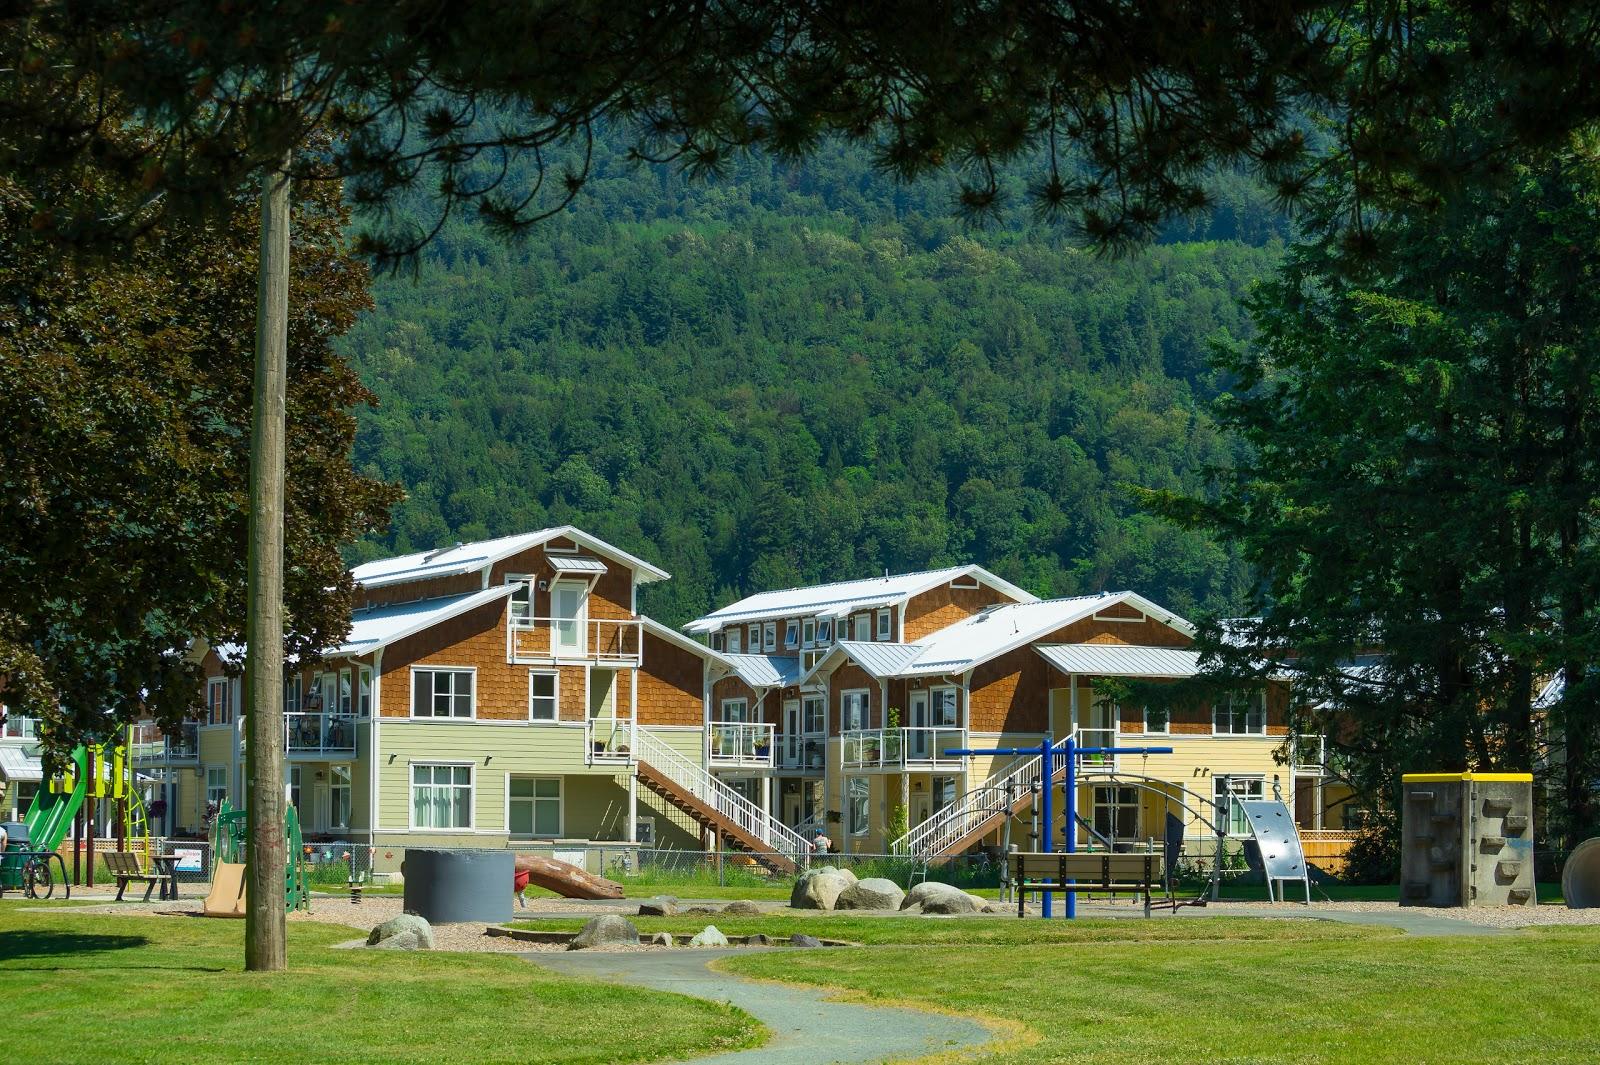 Несмотря на размеры городка, тут на удивление много новых домов и молодых семей с детьми.